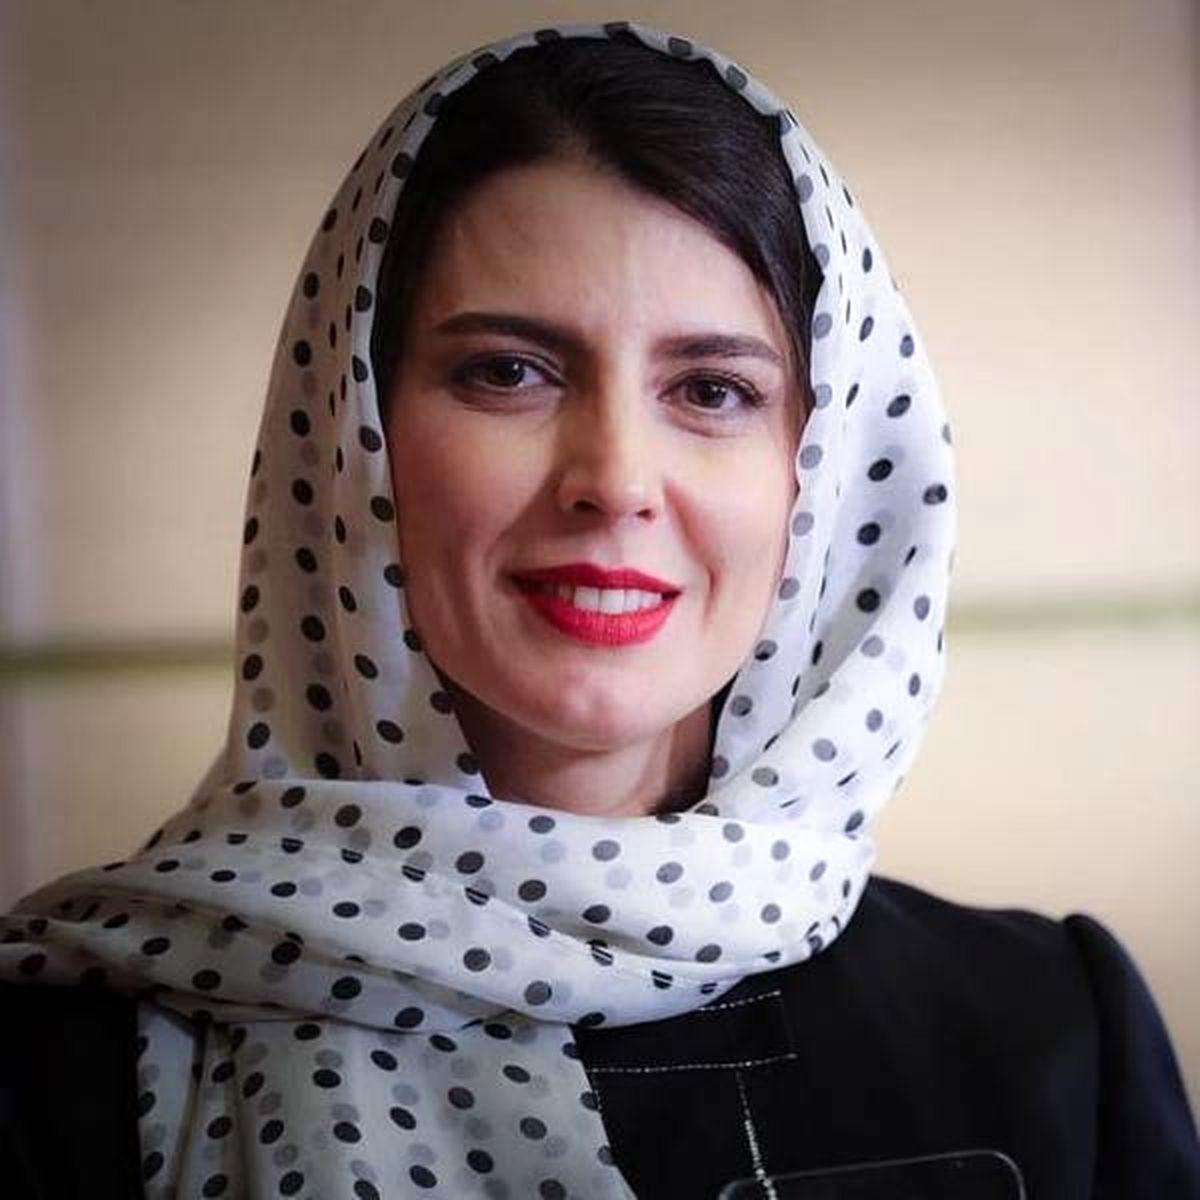 جنجال و حواشی دستمزد ۱۵ میلیاردی تیزر تبلیغاتی لیلا حاتمی